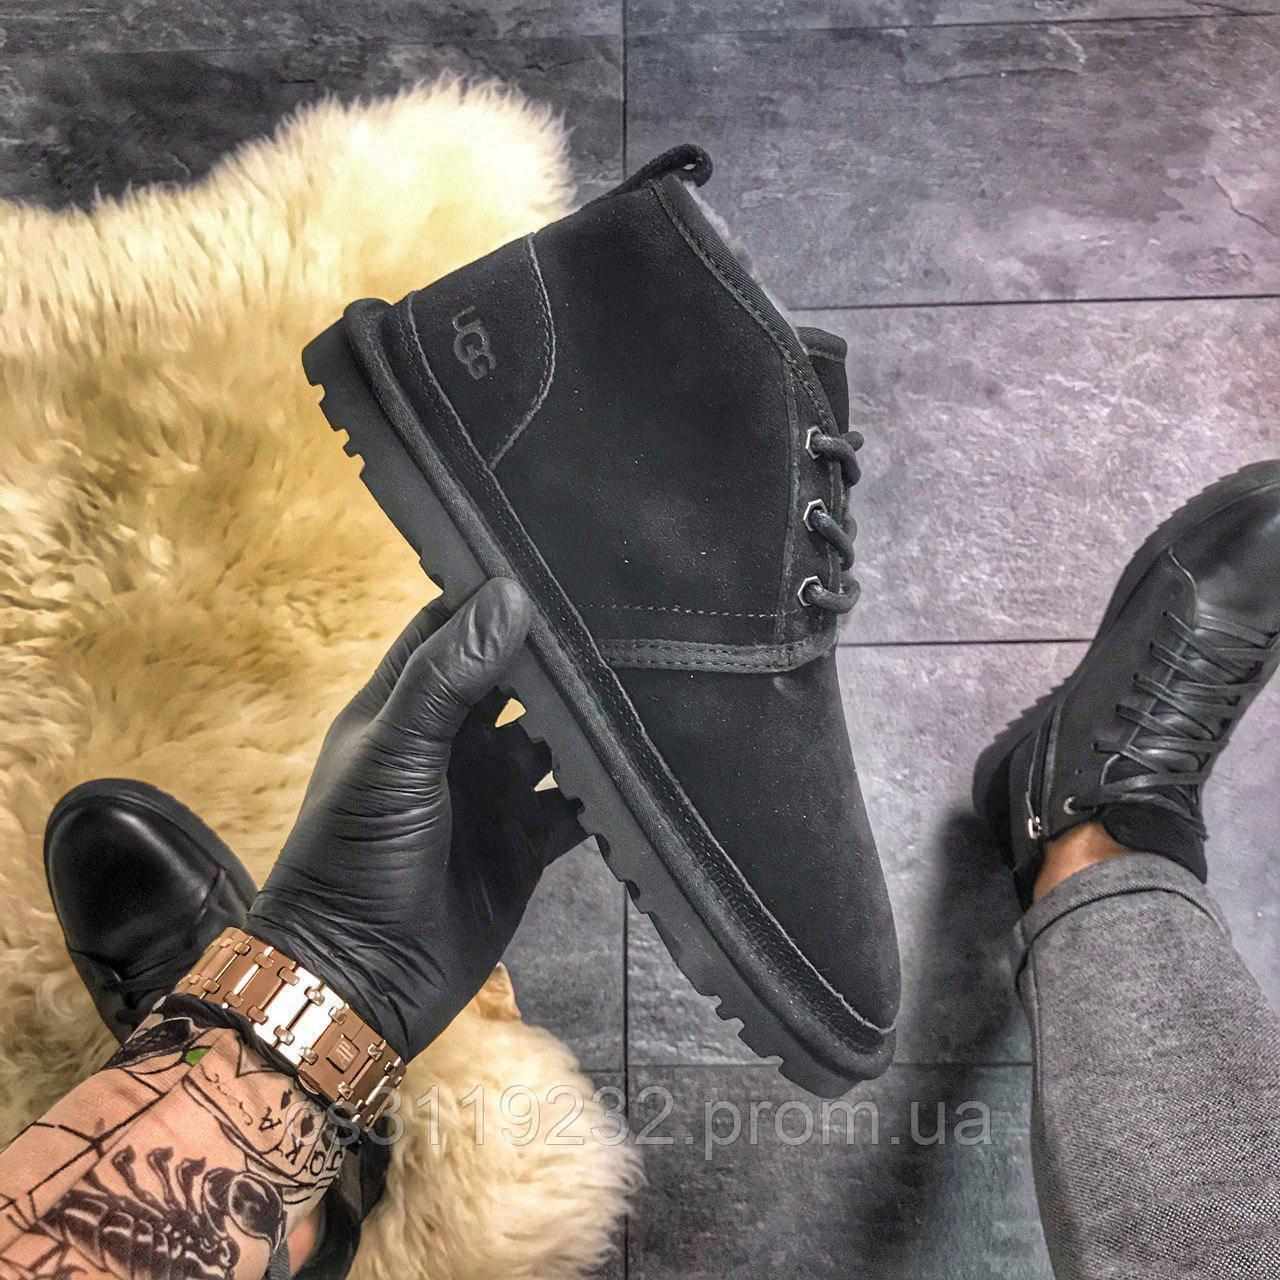 Чоловічі черевики зимові UGG Classic Short (хутро) (чорний)